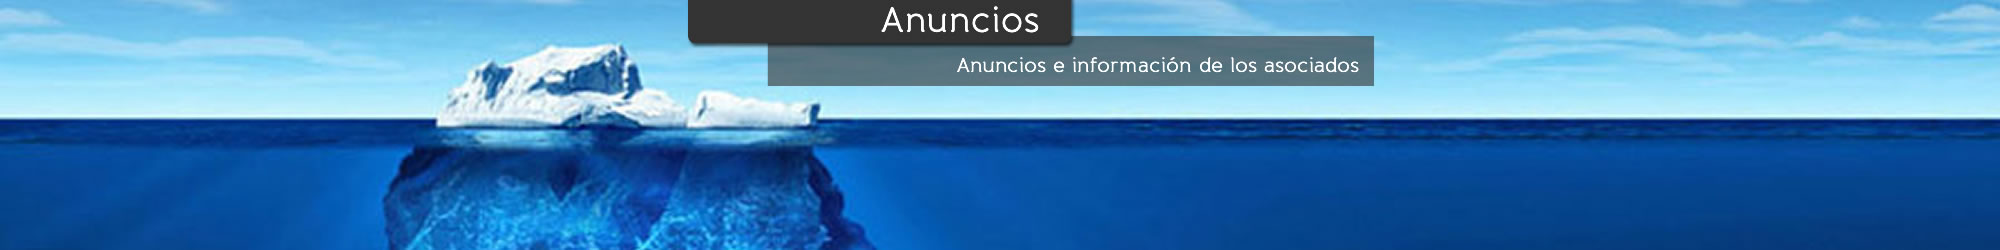 anuncios-pantalla